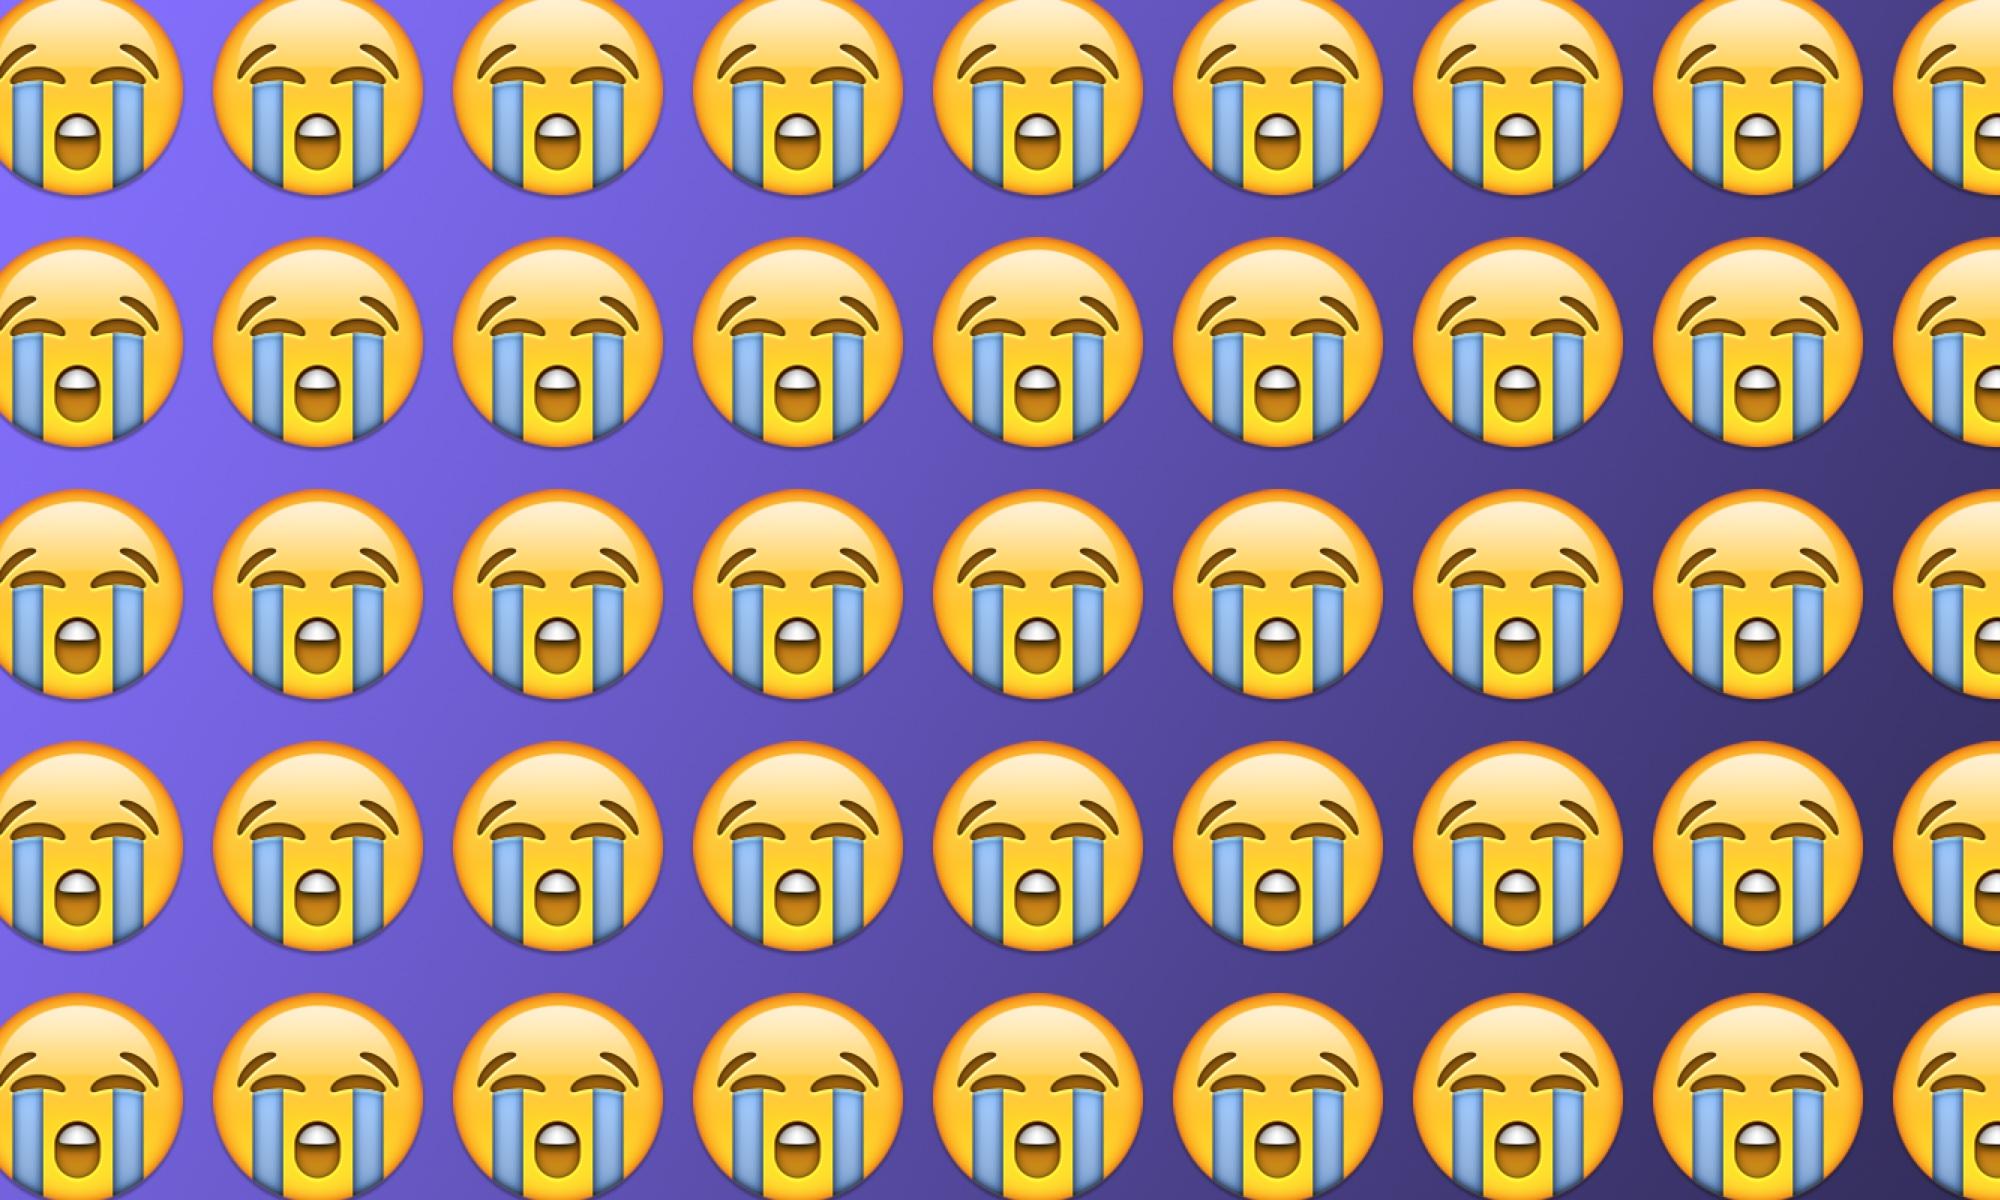 Emojiology: 😭 Loudly Crying Face